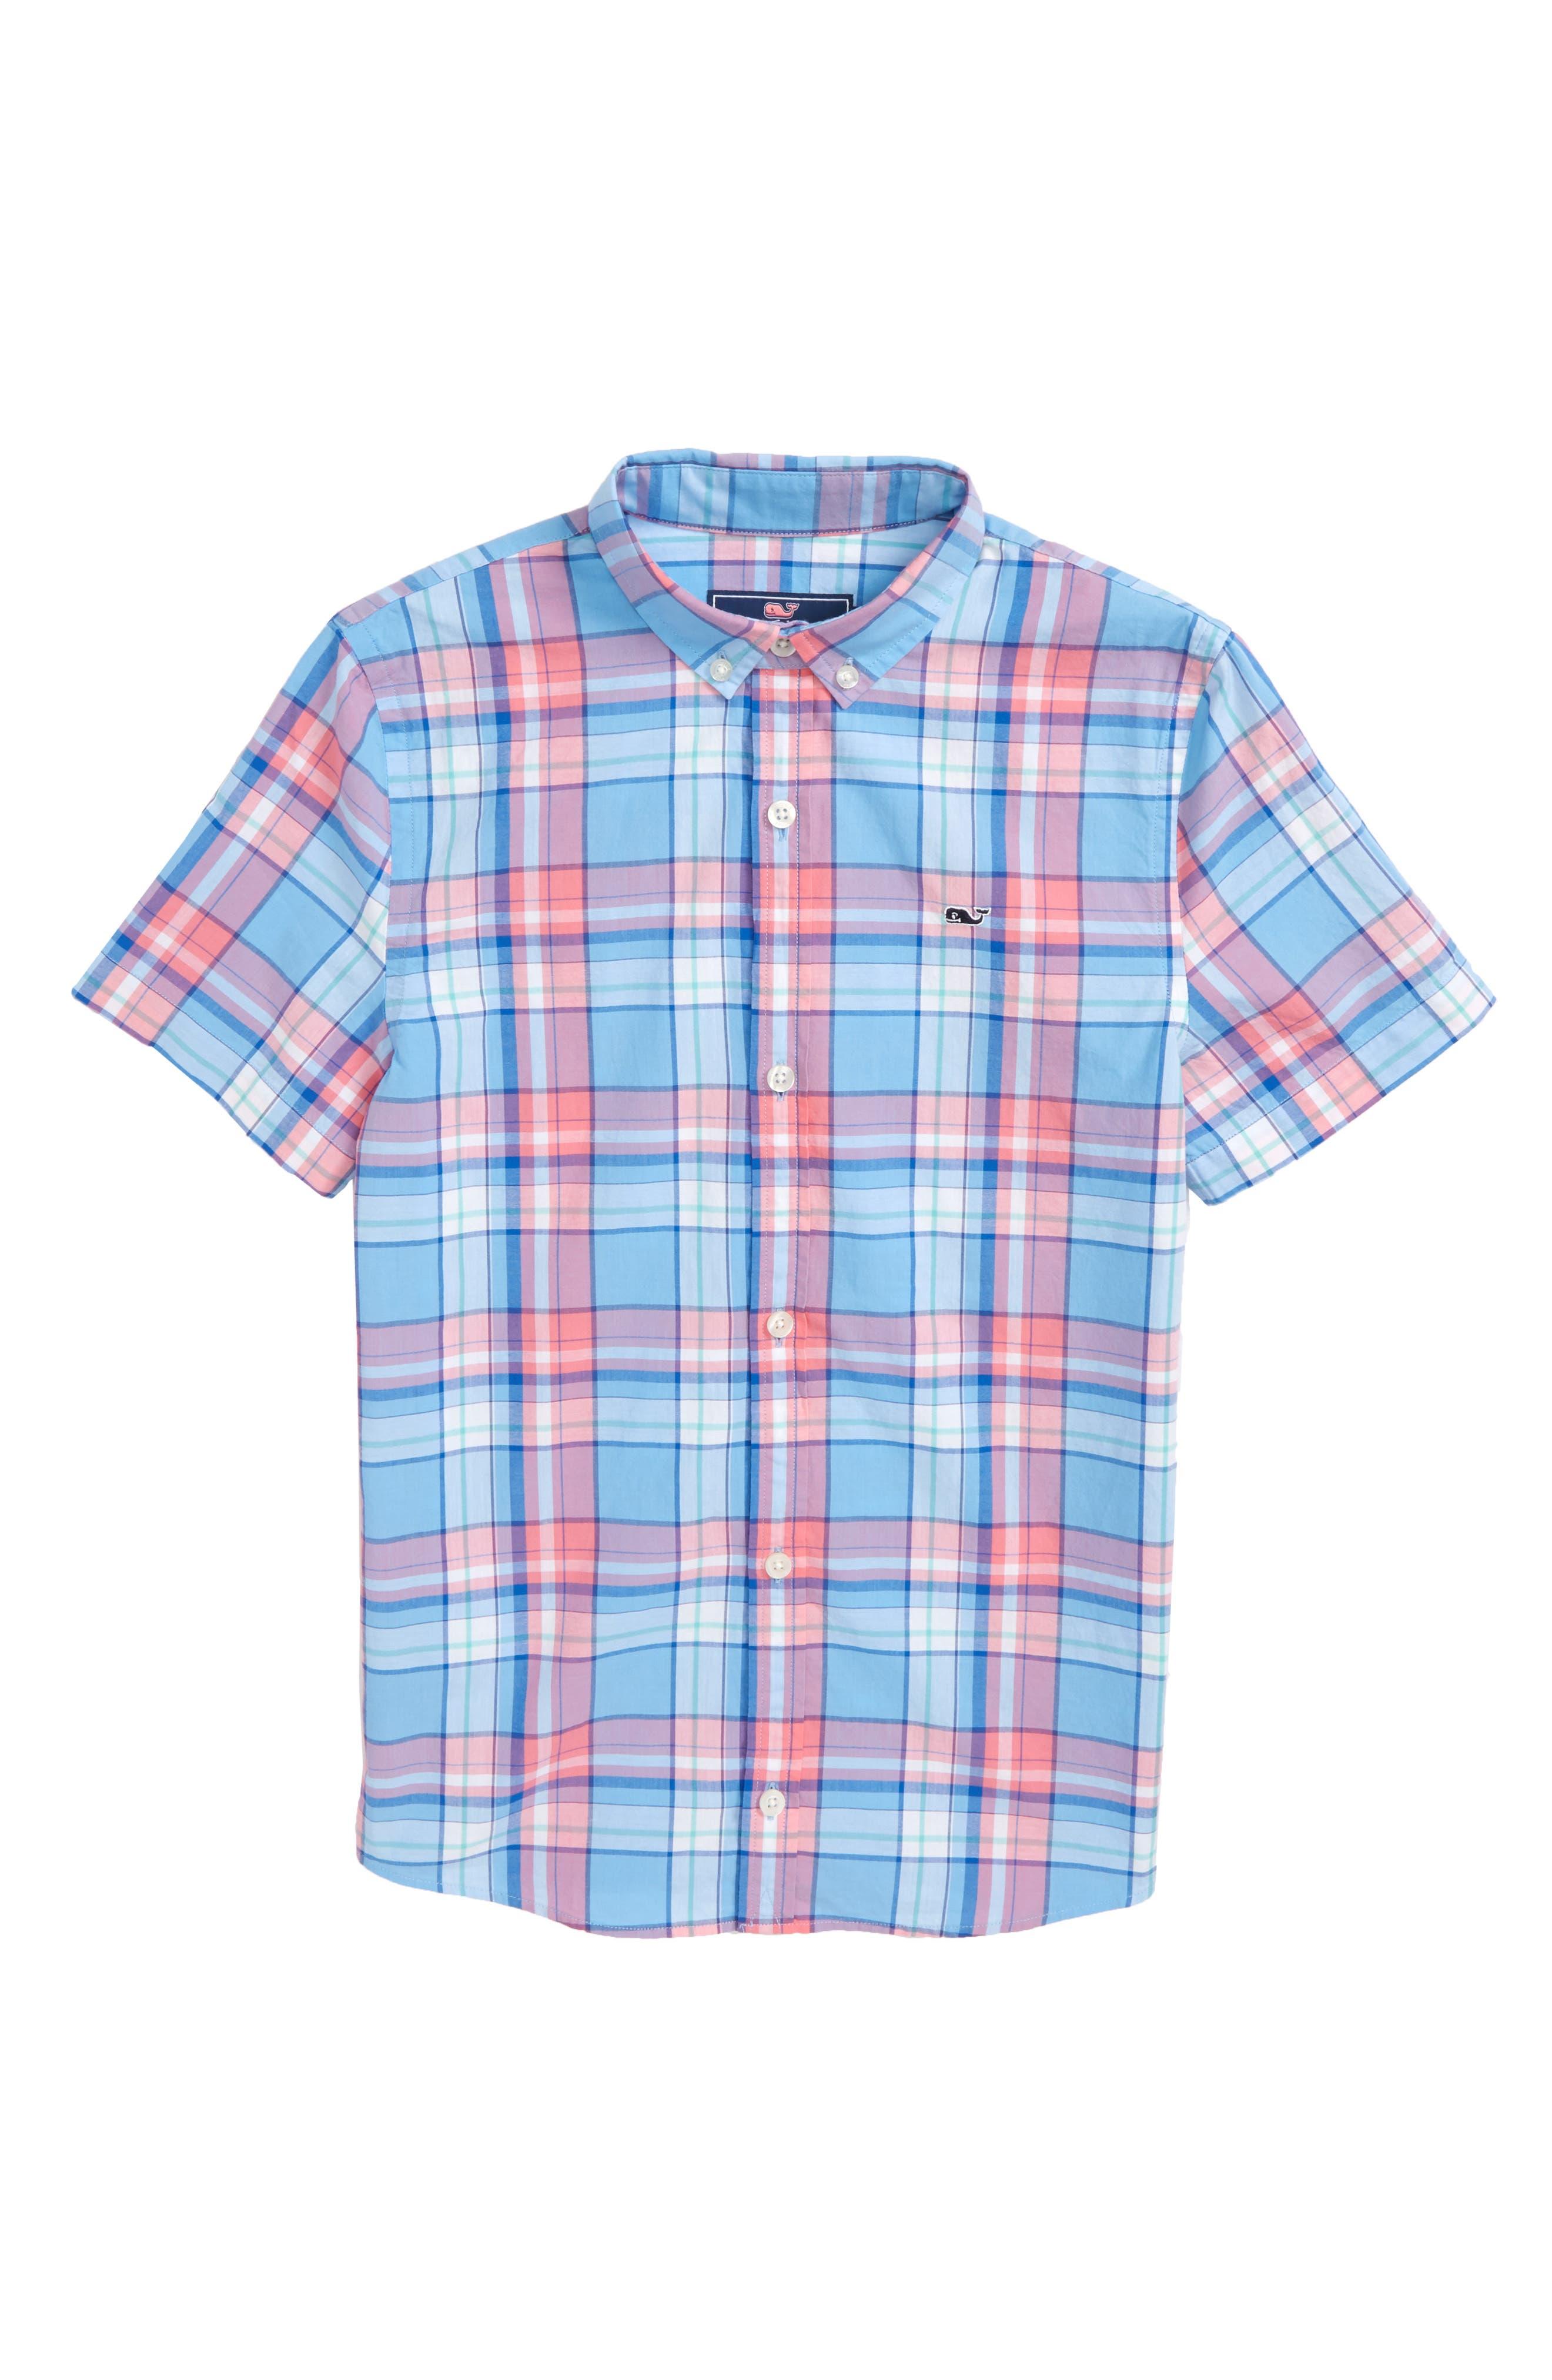 Bluff House Plaid Woven Shirt,                             Main thumbnail 1, color,